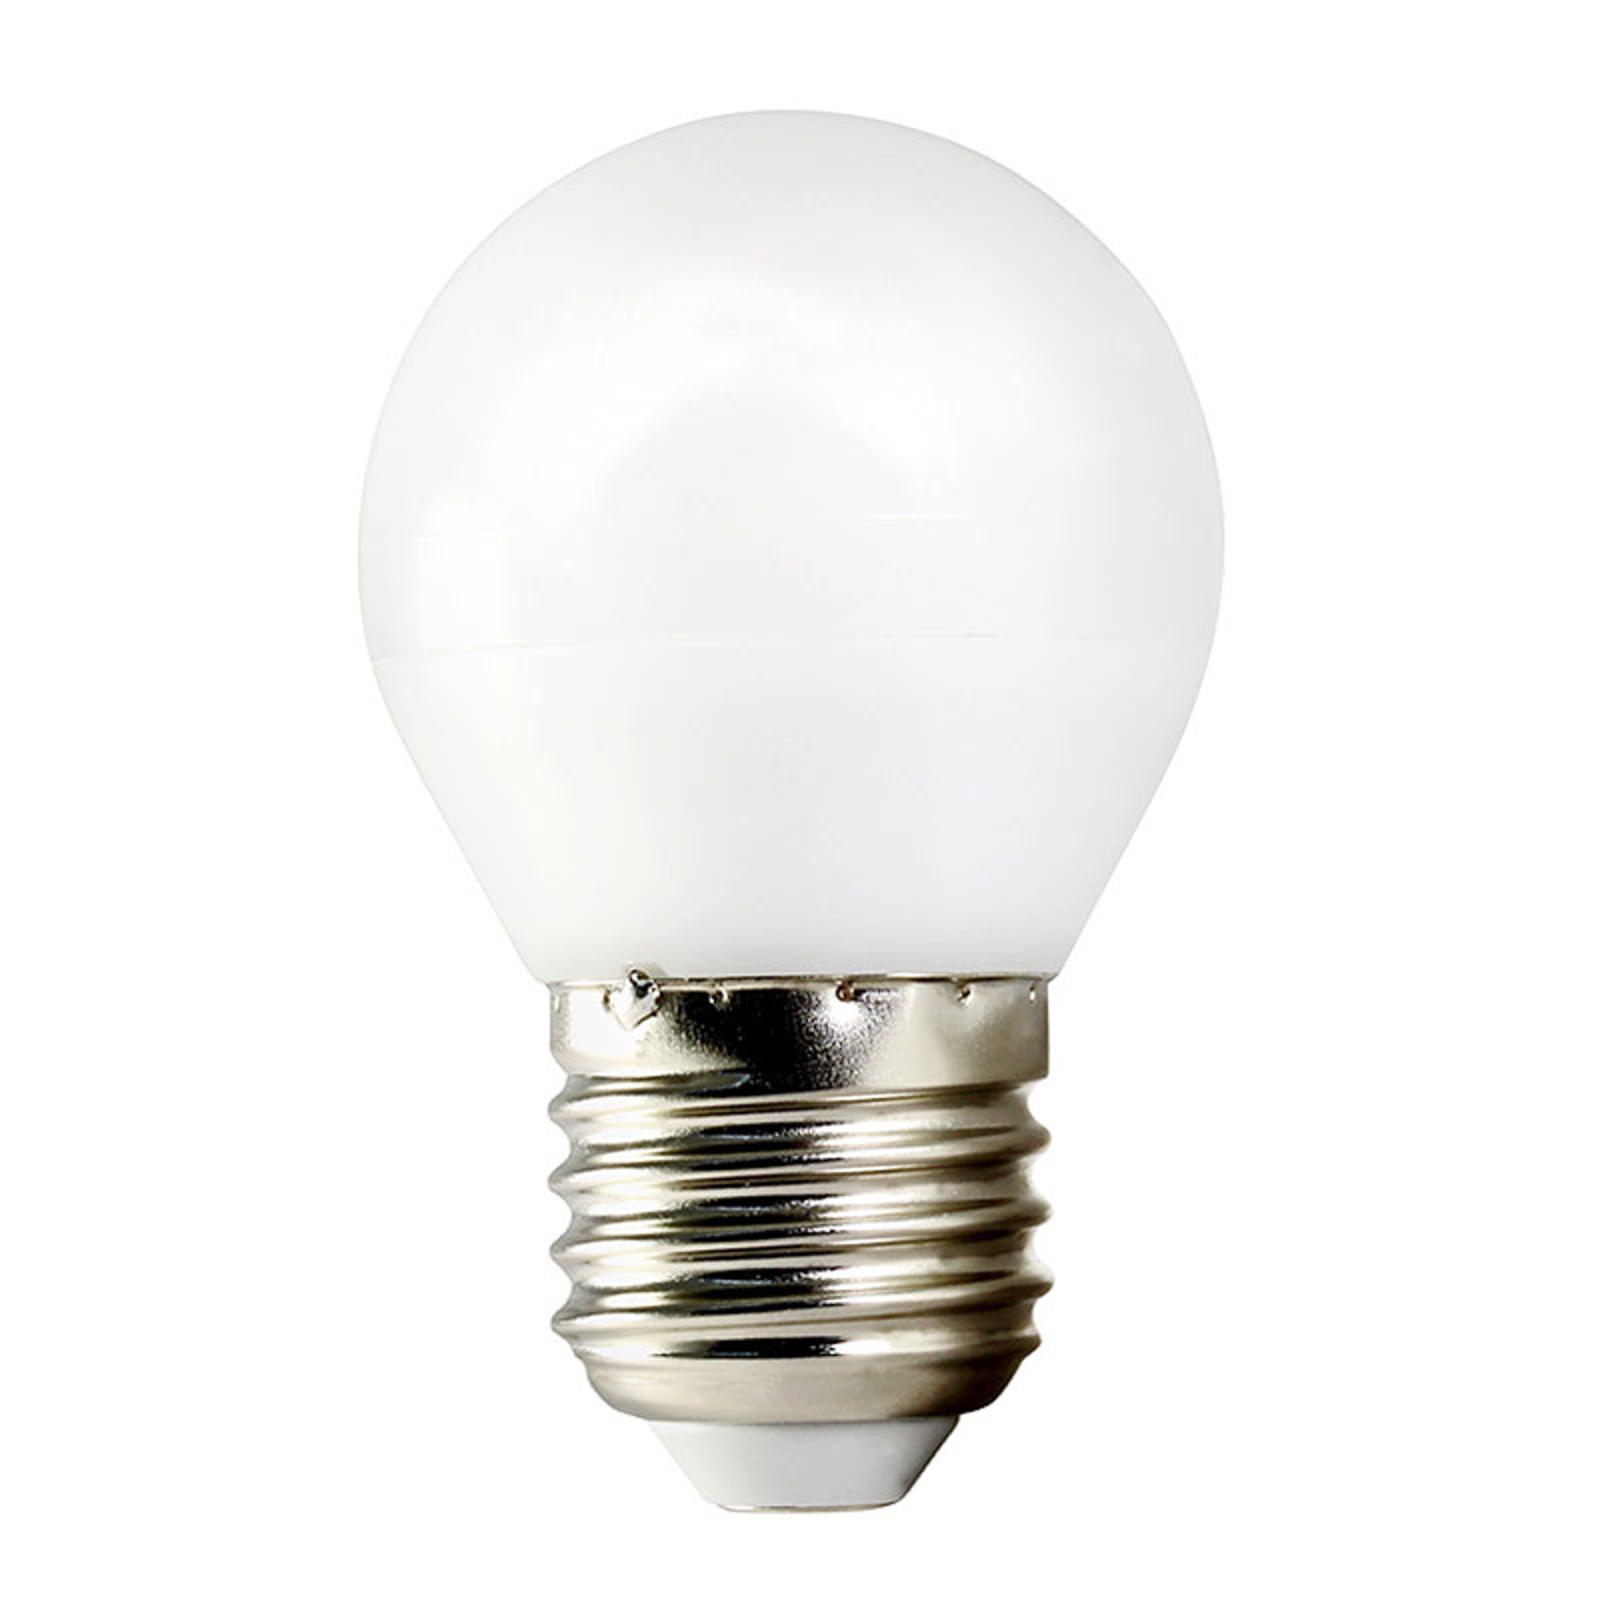 TEMA LED-pære E27 5W dråbe 2.700K til AC/DC